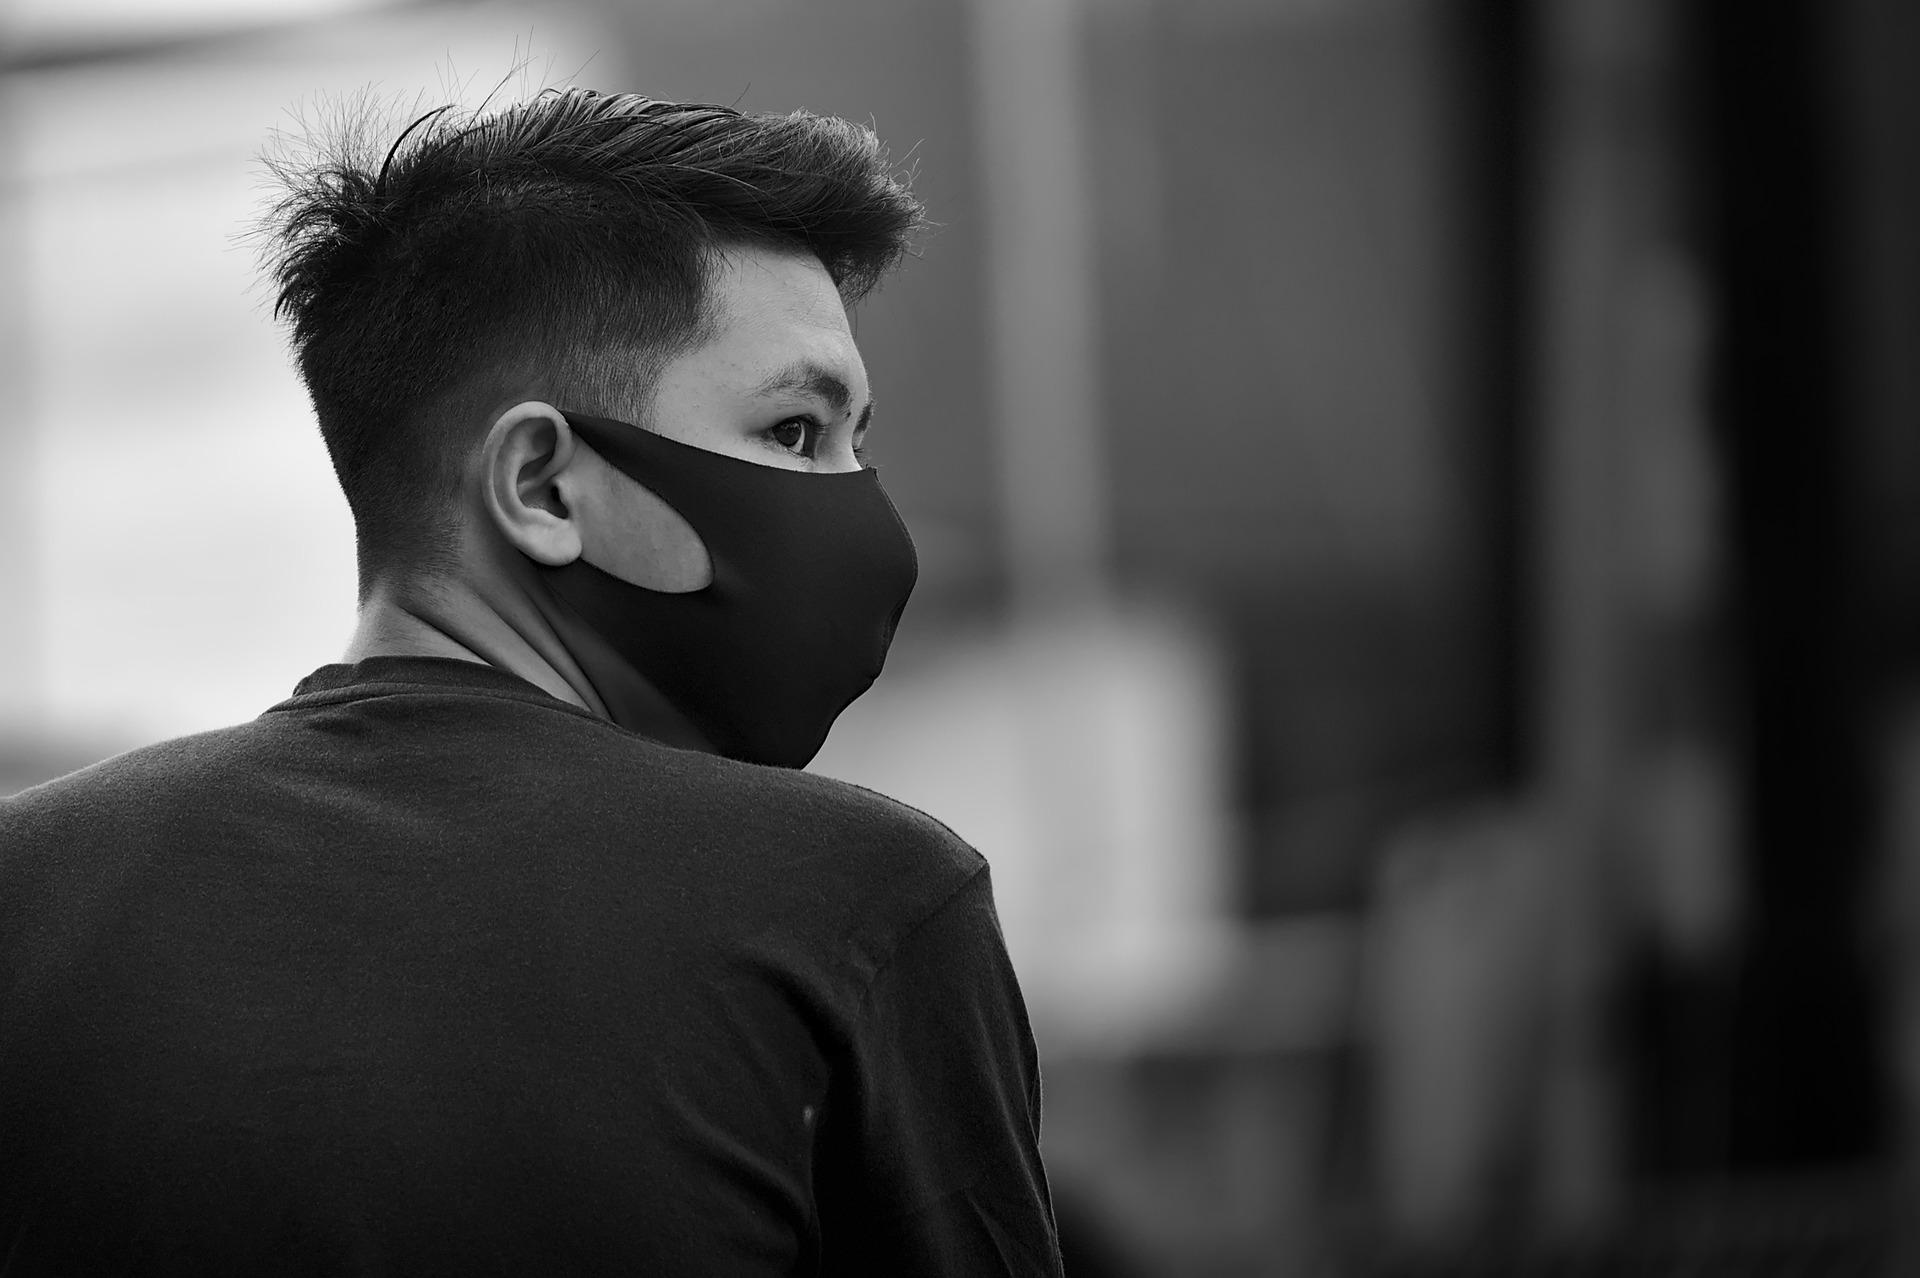 chico asiático mascarilla